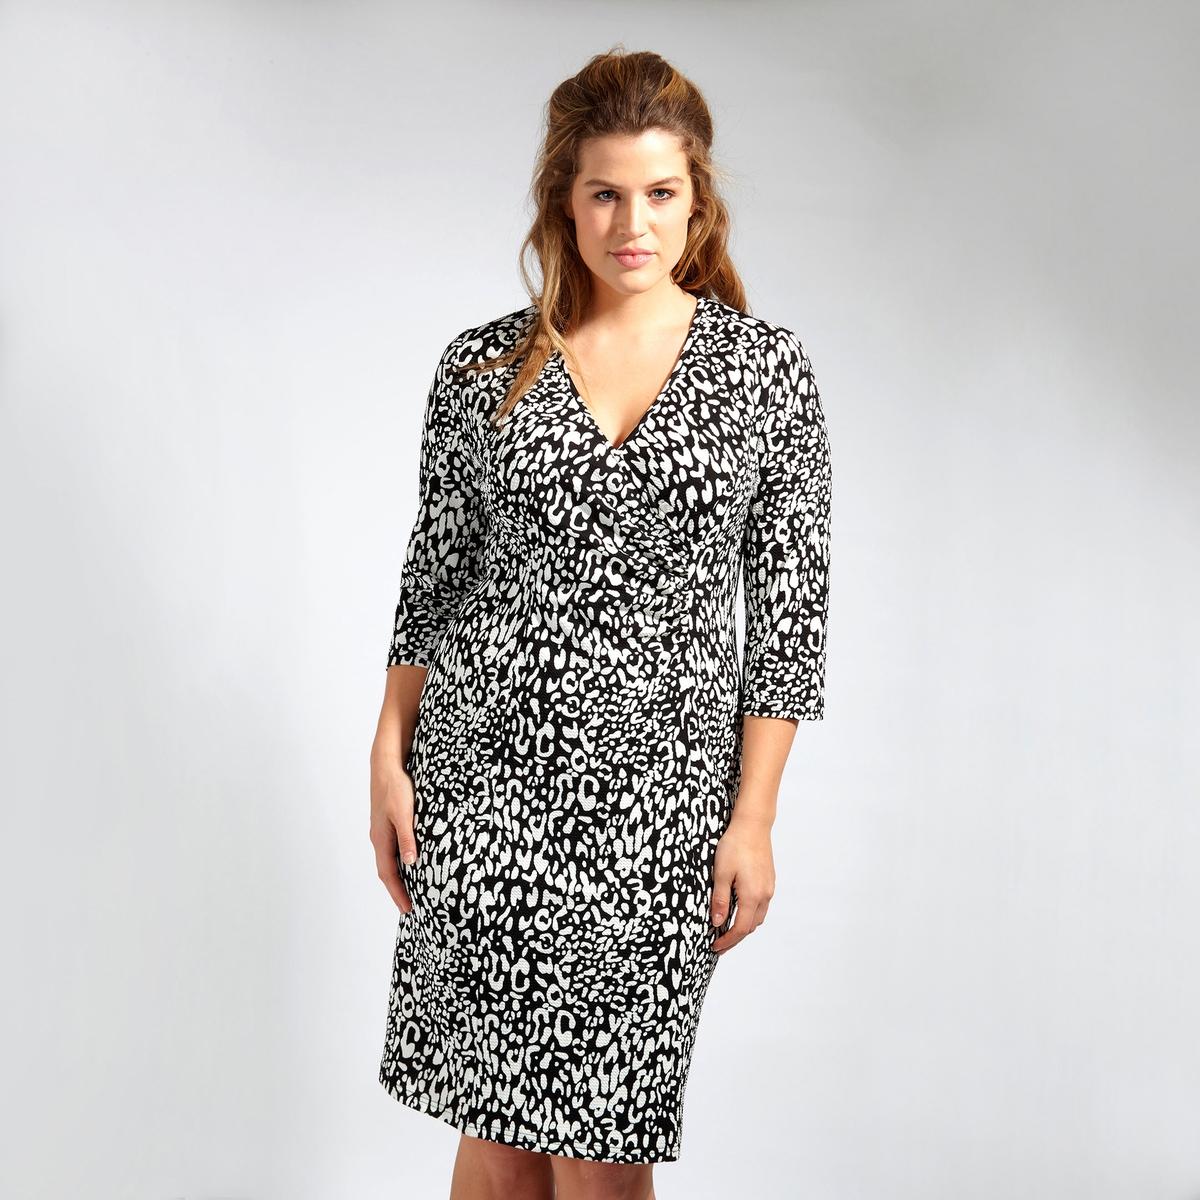 ПлатьеПлатье LOVEDROBE. Платье с рукавами 3/4 с красивым декольте. 100% полиэстер<br><br>Цвет: набивной рисунок<br>Размер: 54/56 (FR) - 60/62 (RUS).58/60 (FR) - 64/66 (RUS)